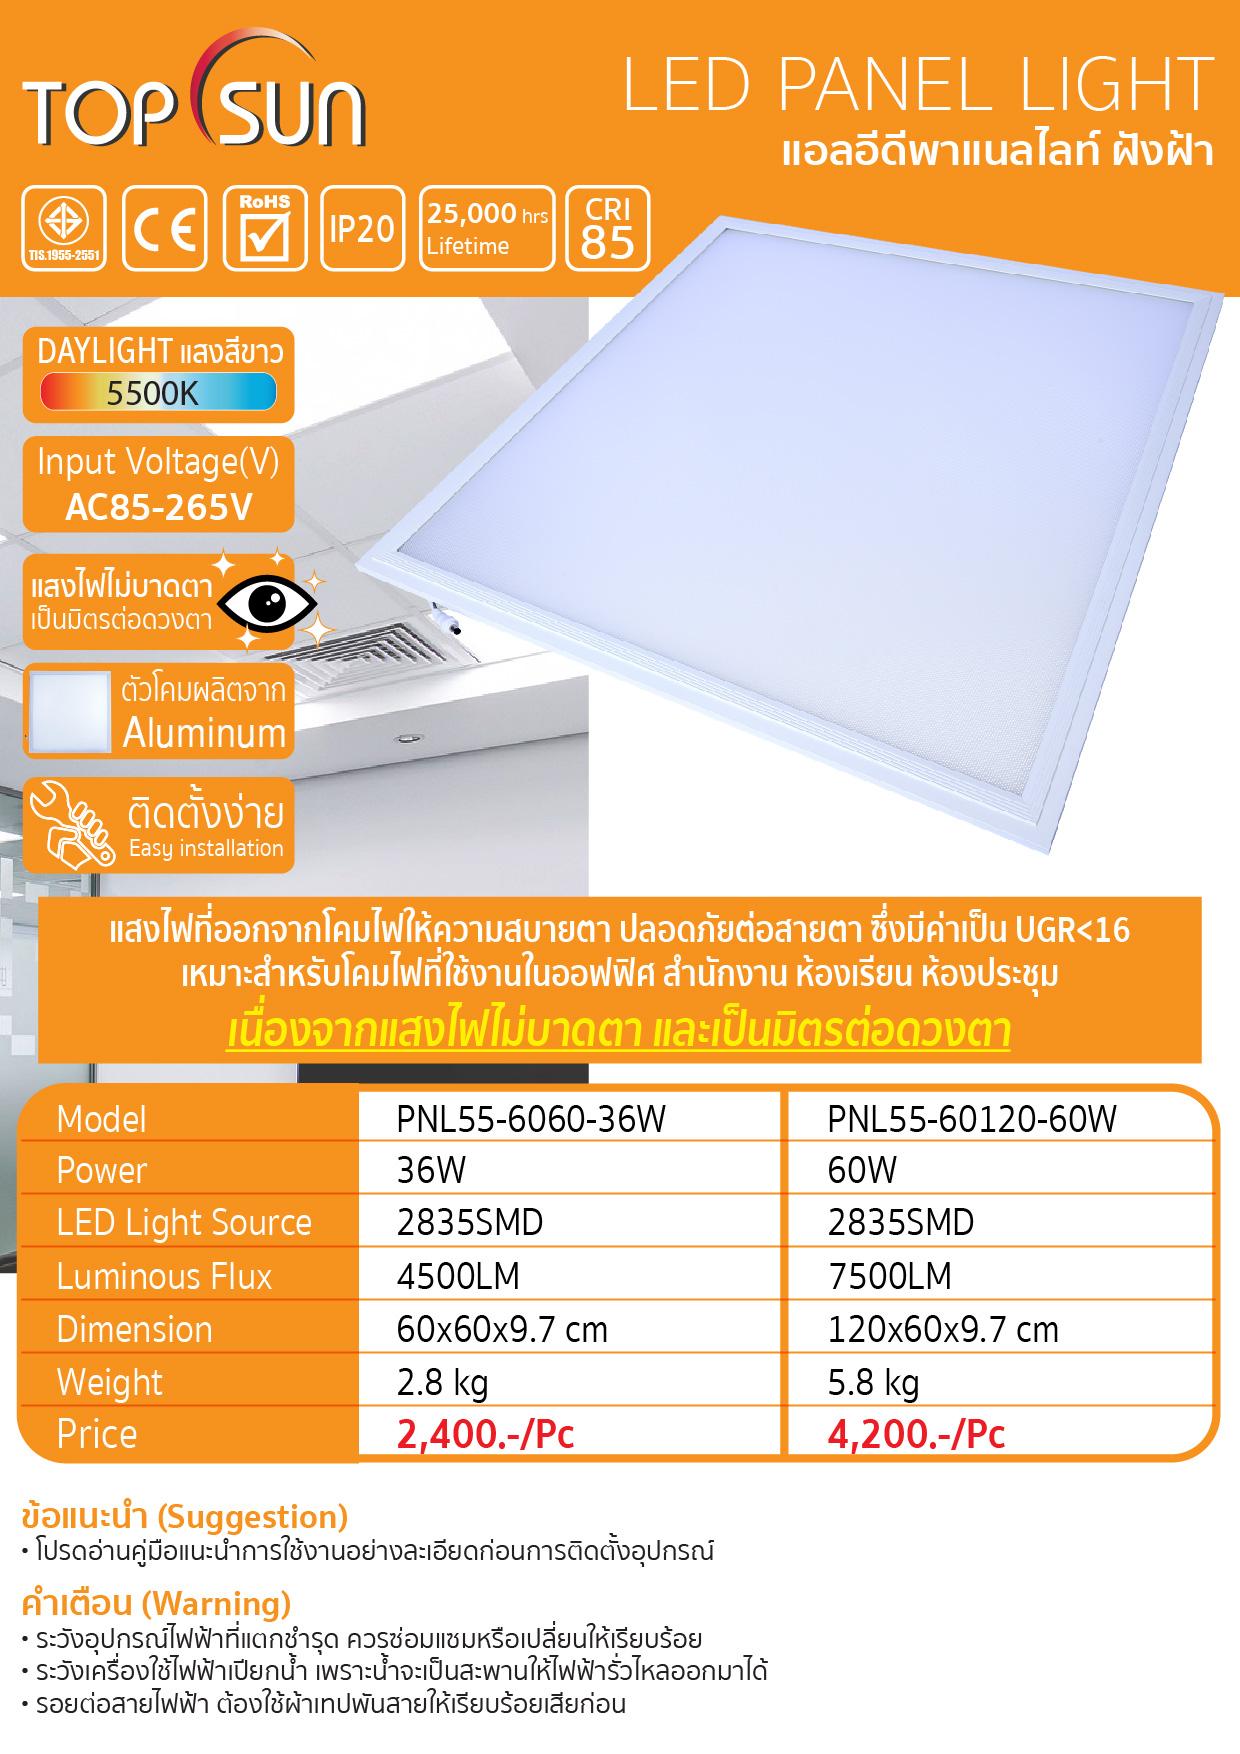 (82/188) โคมพาเนลไลท์ LED Panel Light